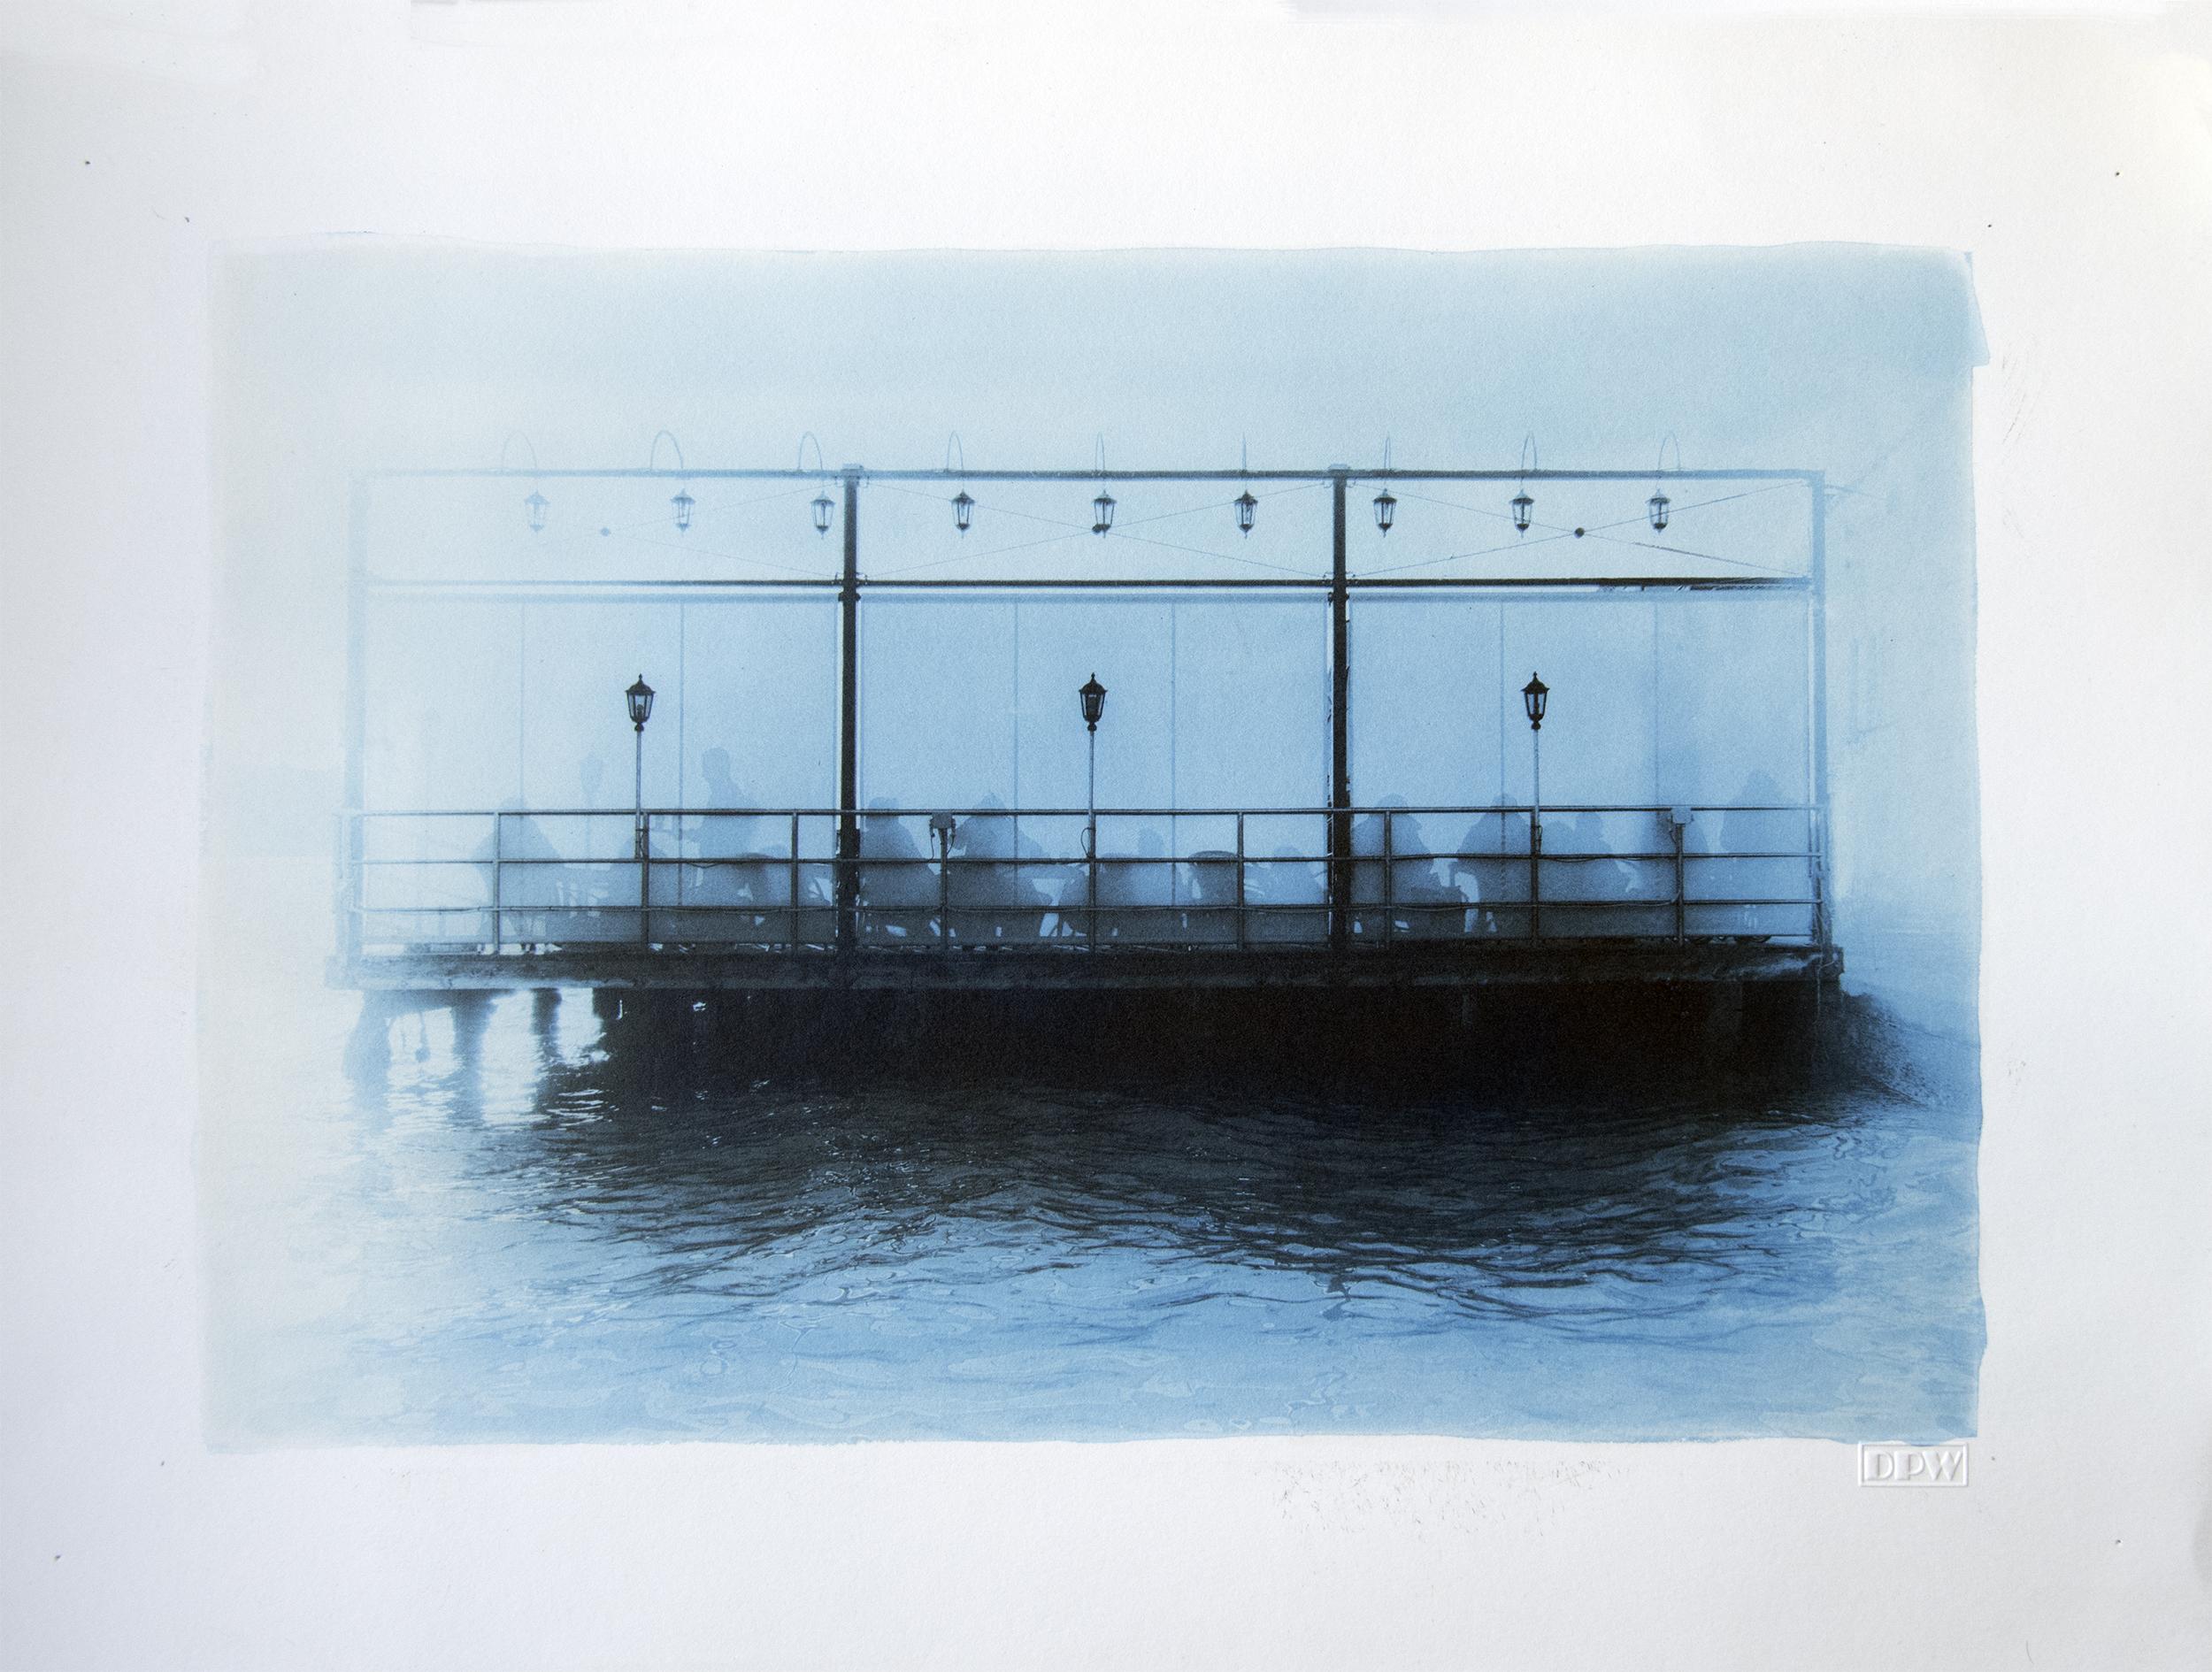 'Zattere', Venezia